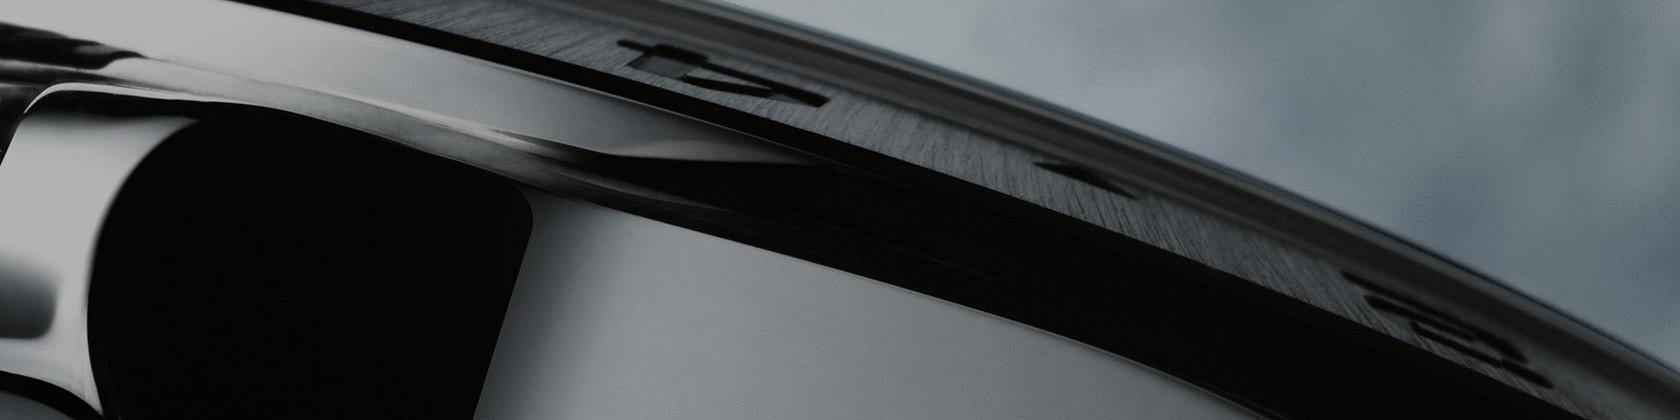 Detailaufnahme eines Rolex Explorer Gehäuse